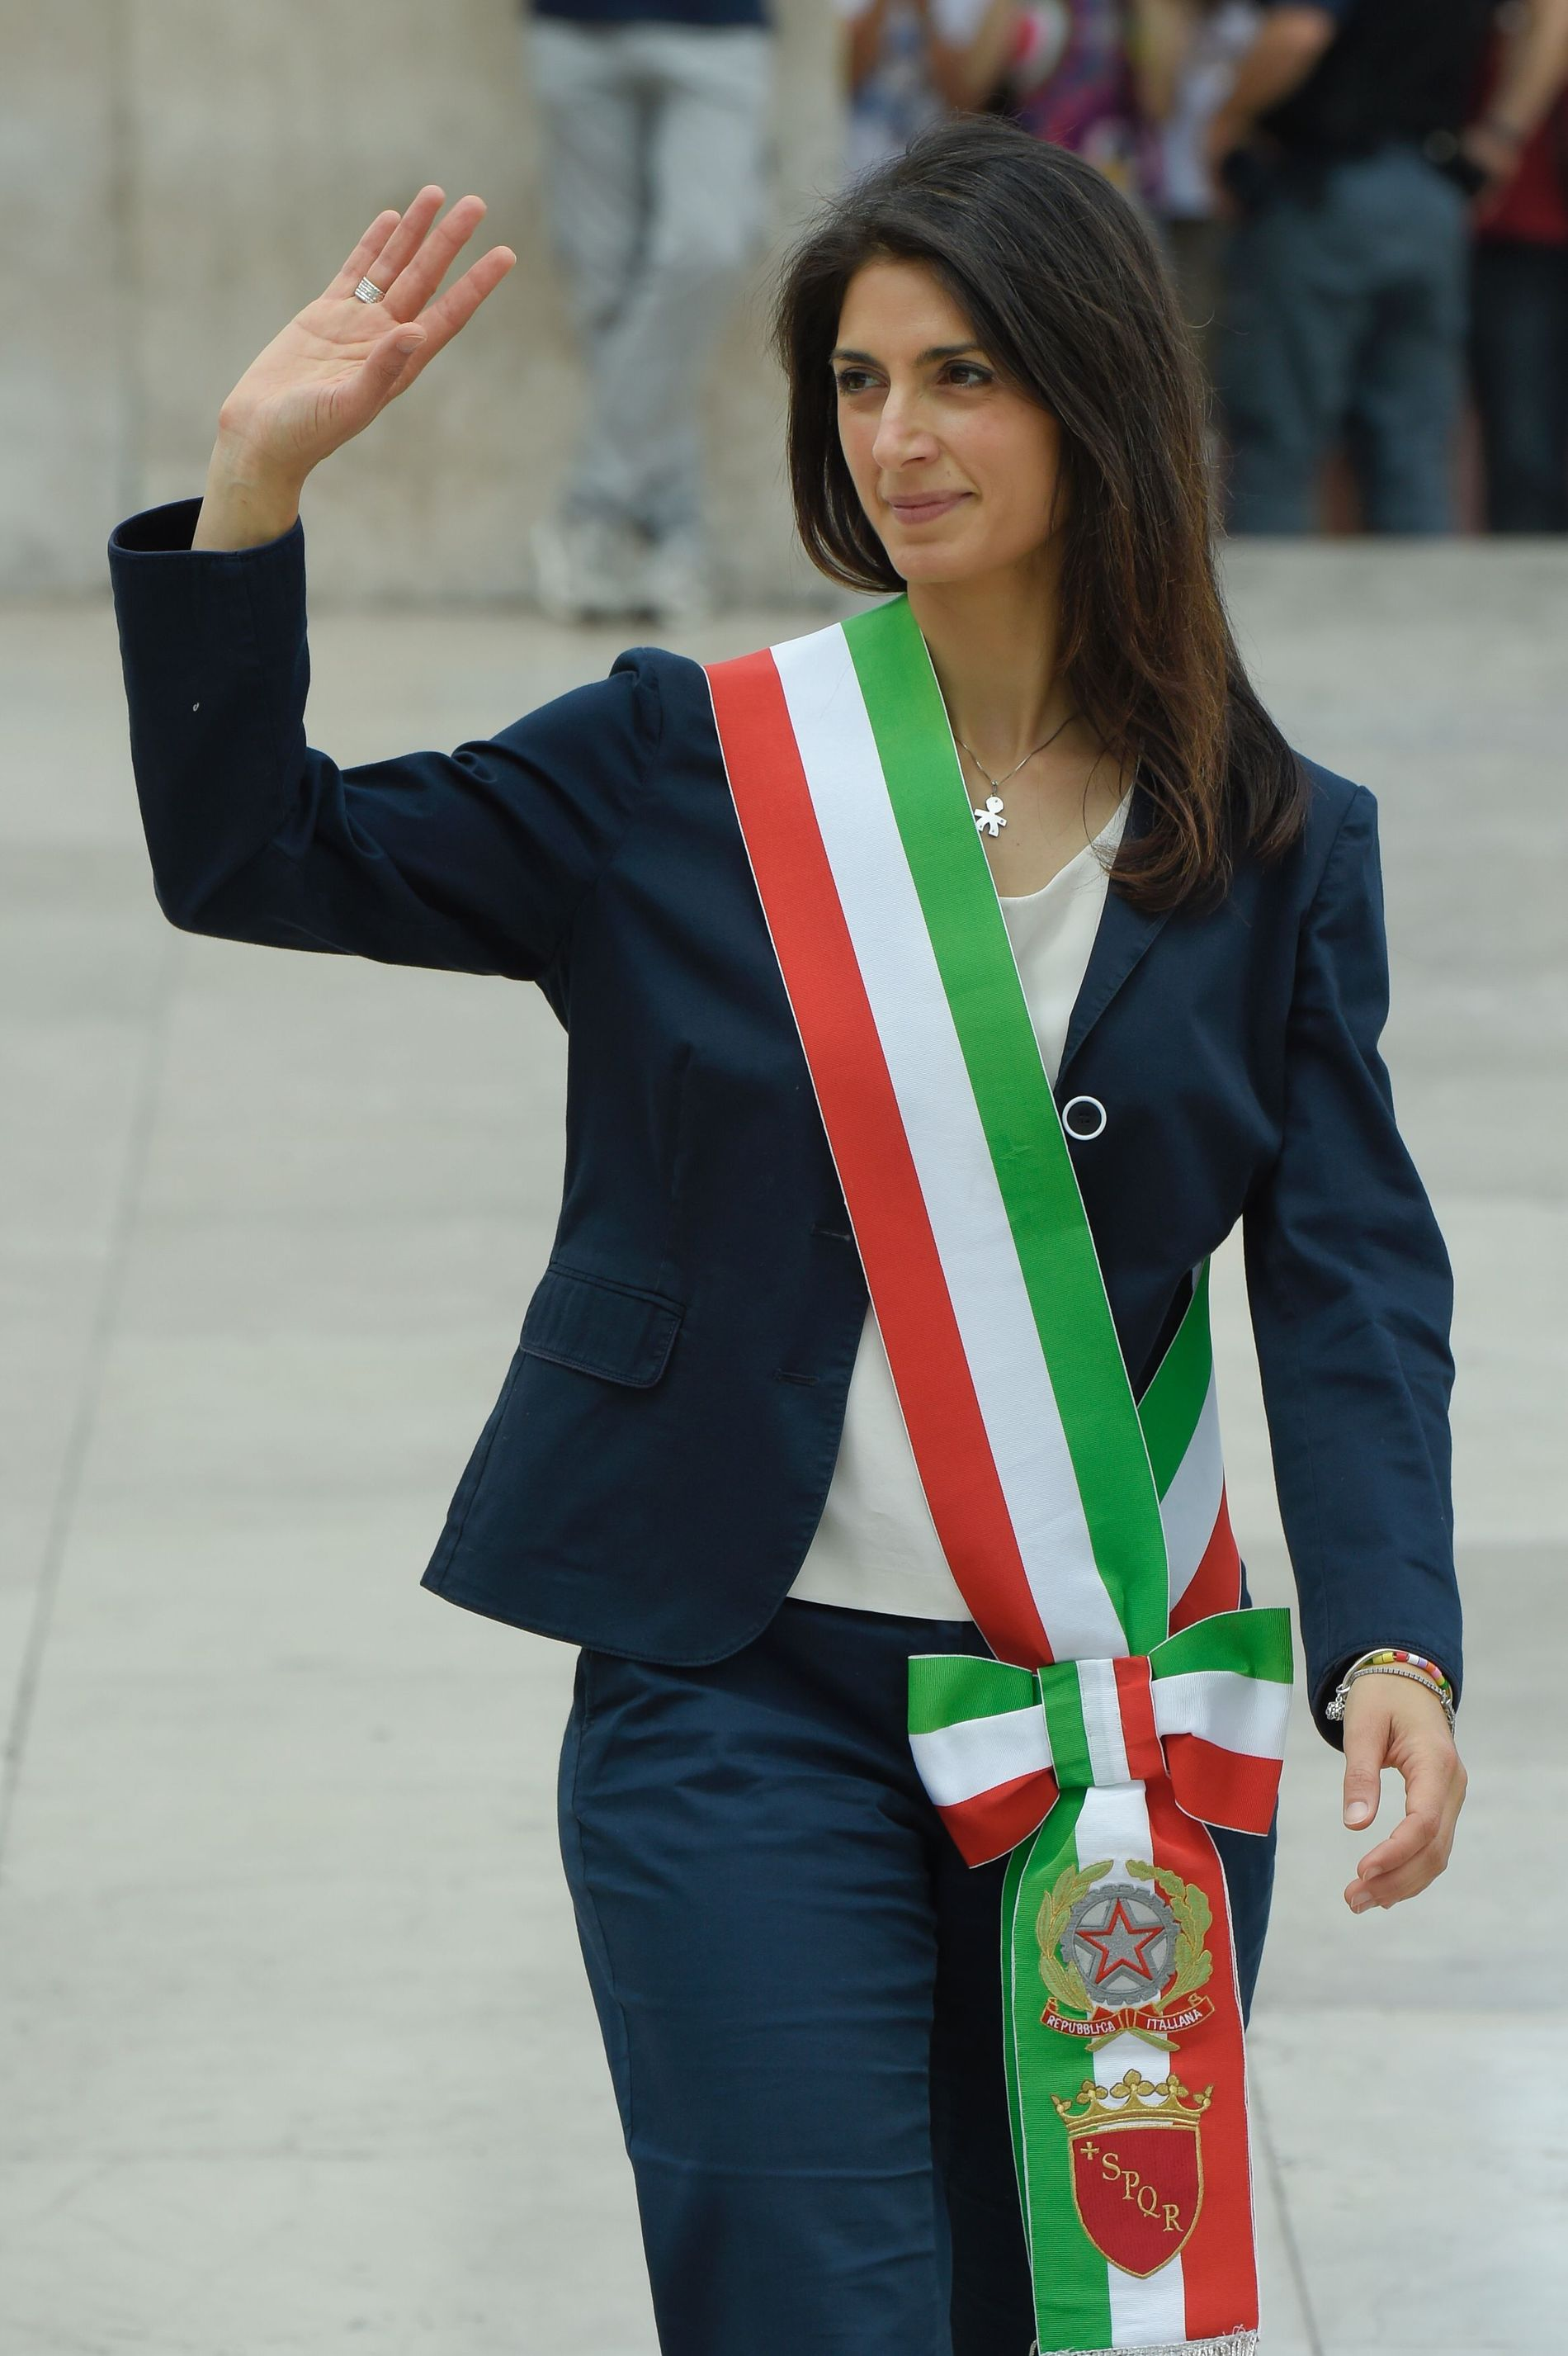 VALGSKRED: Med overveldende flertall ble den da 37-årige advokaten Virginia Raggi i sommer valgt til Romas første kvinnelige ordfører. Til tross for stor personlig popularitet, sliter hun med å styre byen, og flere av hennes nærmeste medarbeidere har gått av.